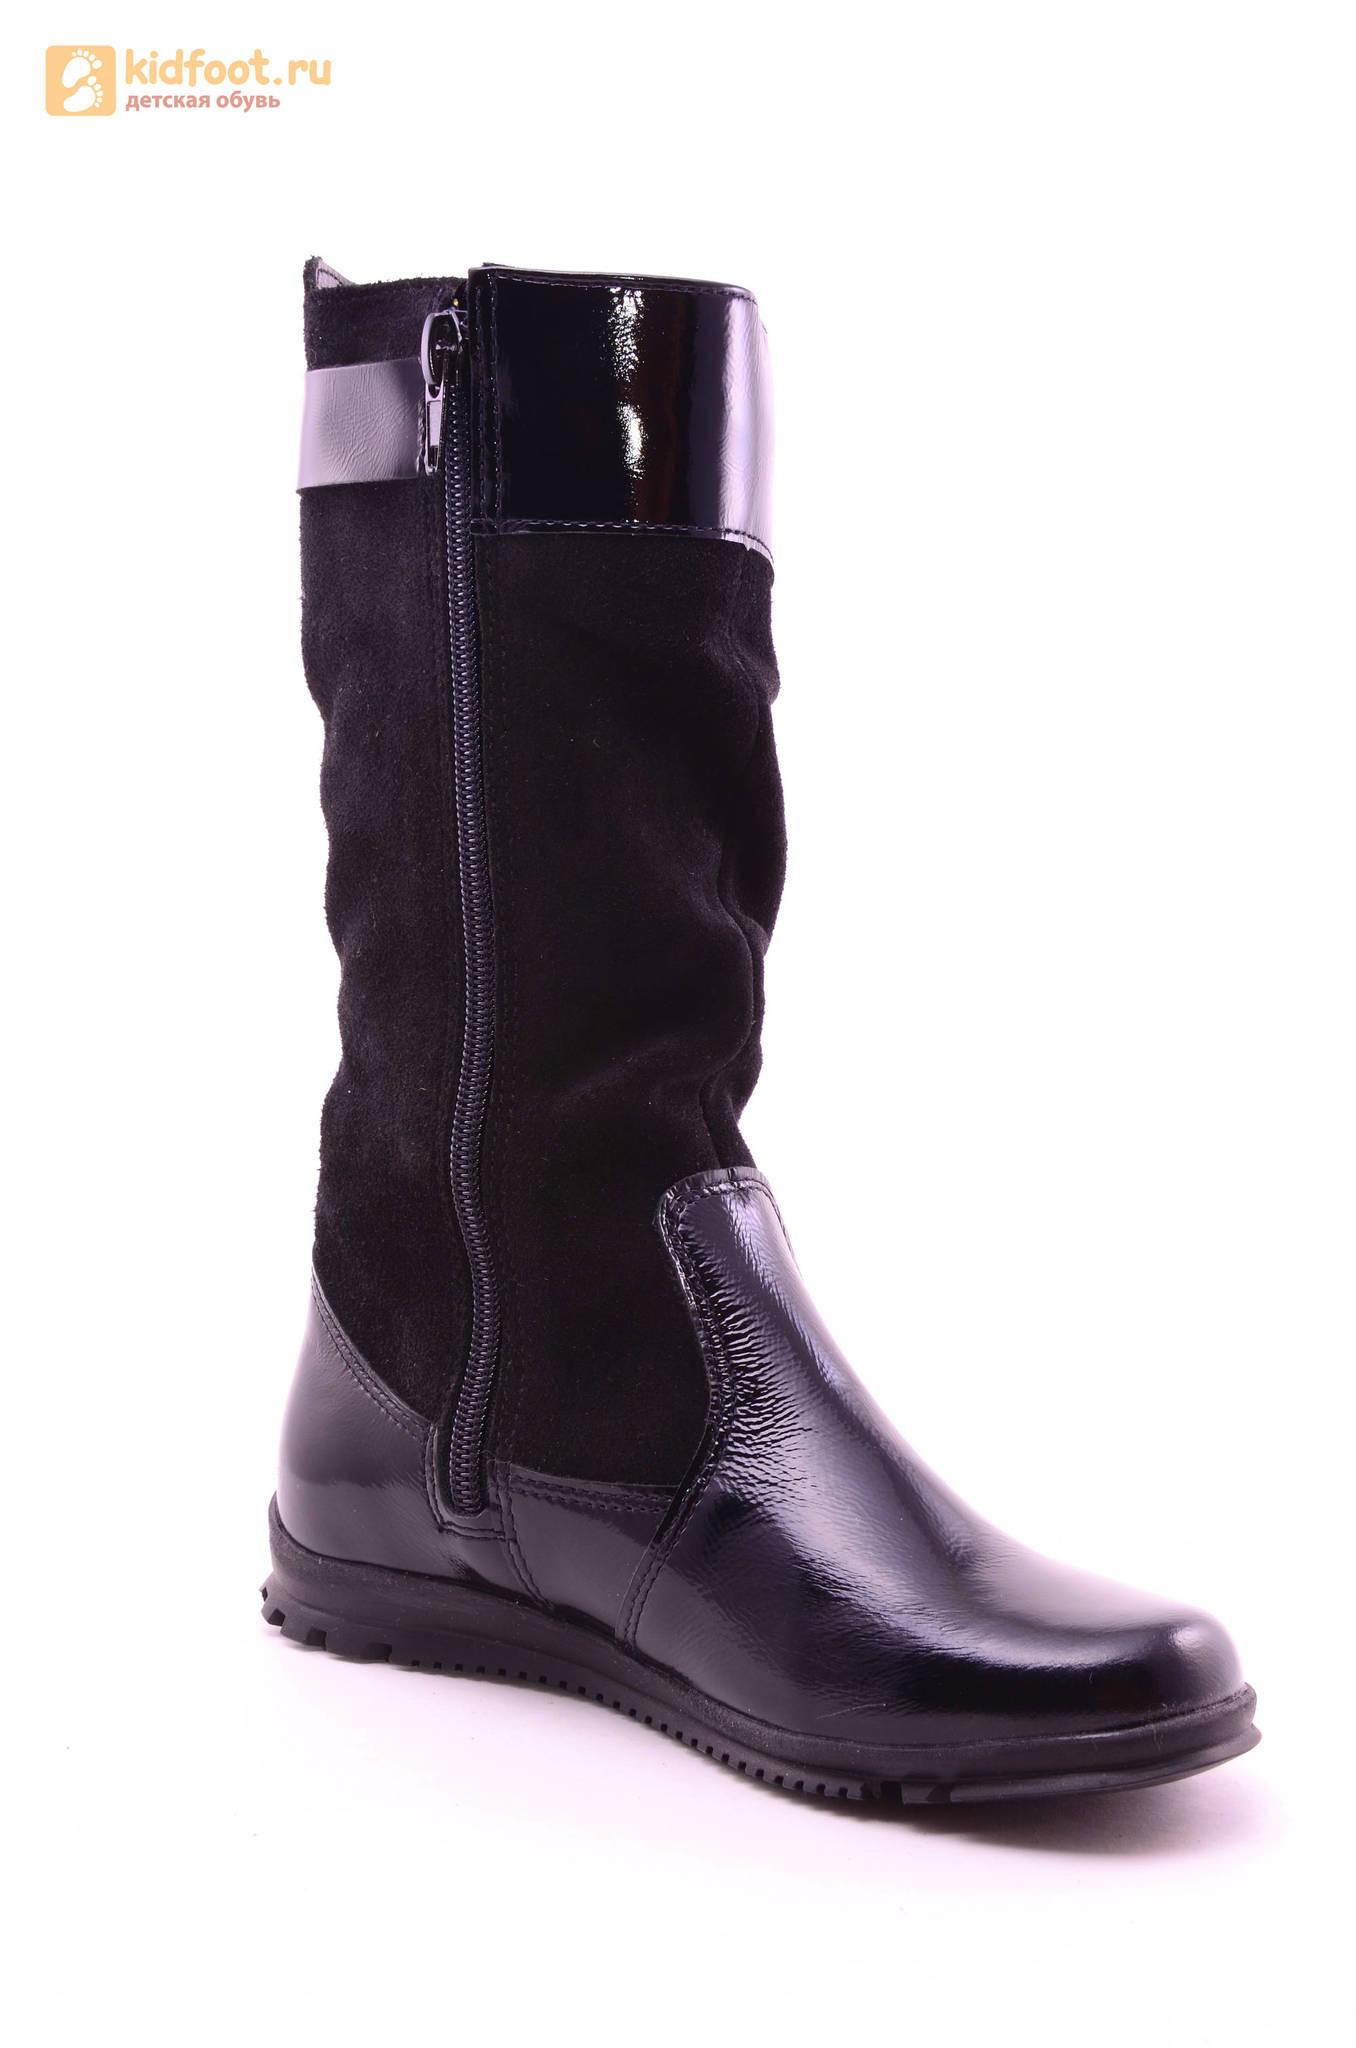 Сапоги для девочек из натуральной кожи и велюра на байковой подкладке Лель (LEL), цвет черный